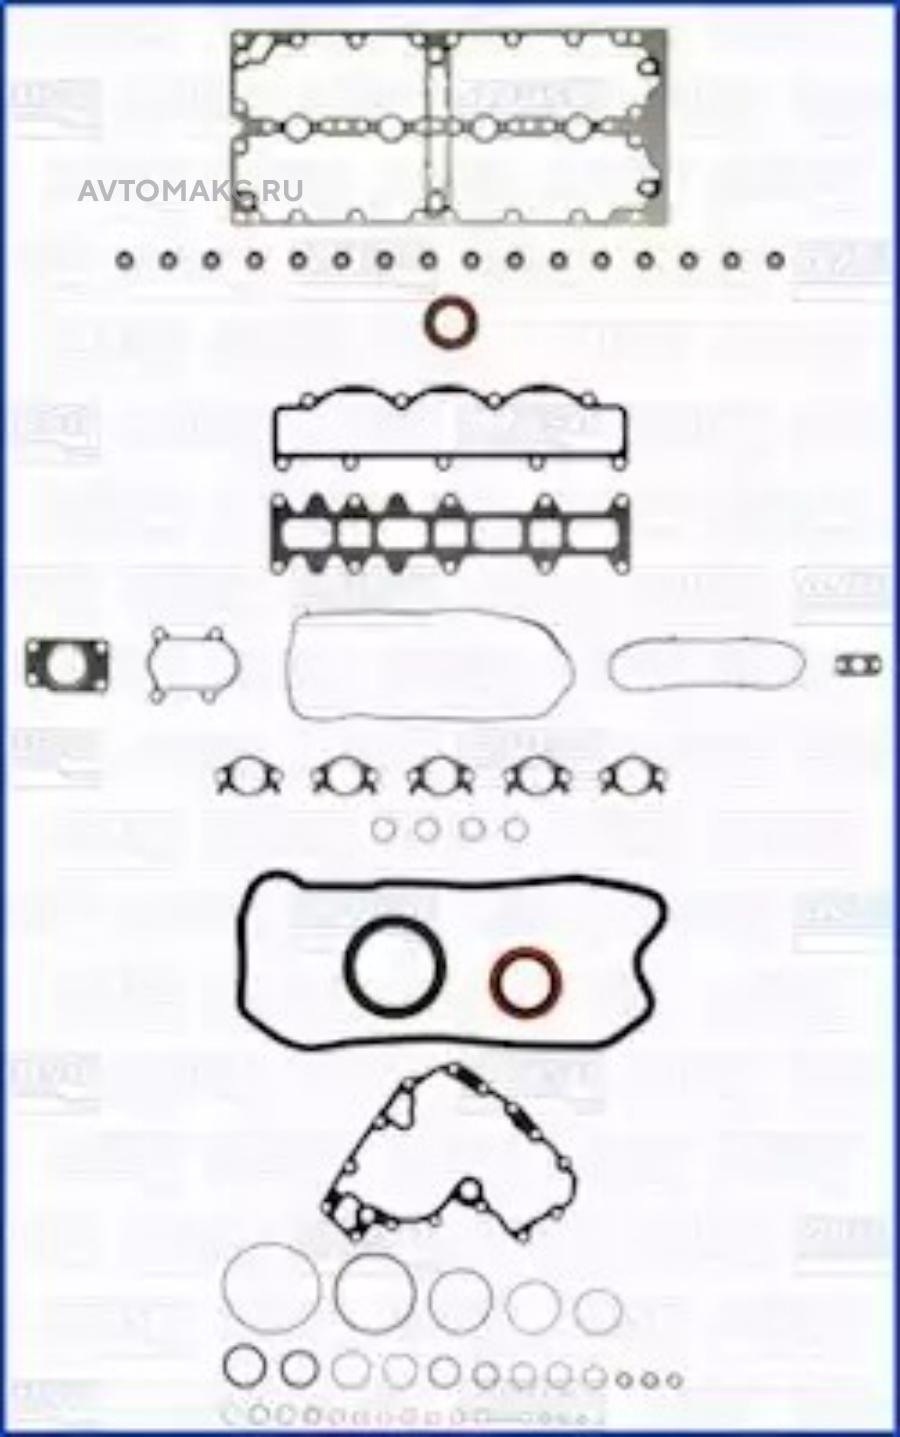 Комплект прокладок двигателя, без ГБЦ